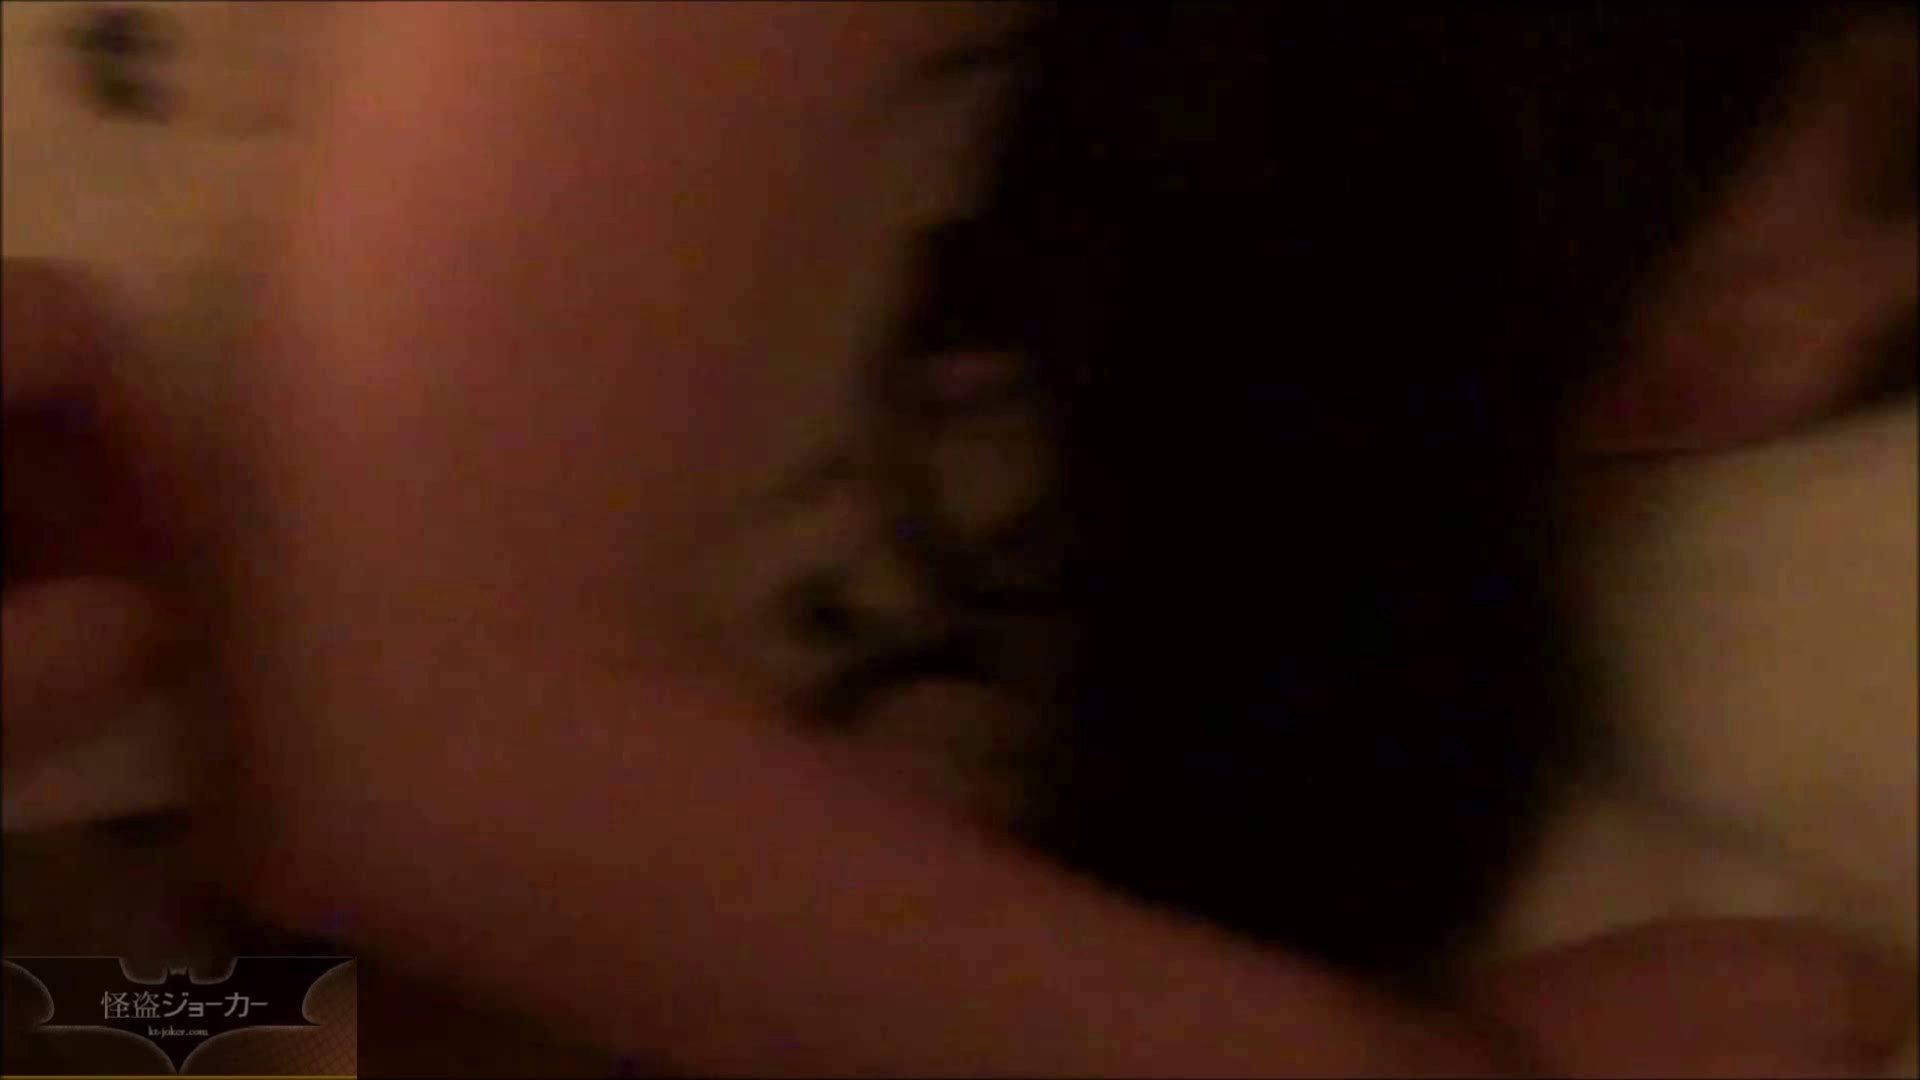 【未公開】vol.18 ●女末が避妊具も付けず、肉体で繋がる時・・・。 いじくり | 丸見え  106画像 5